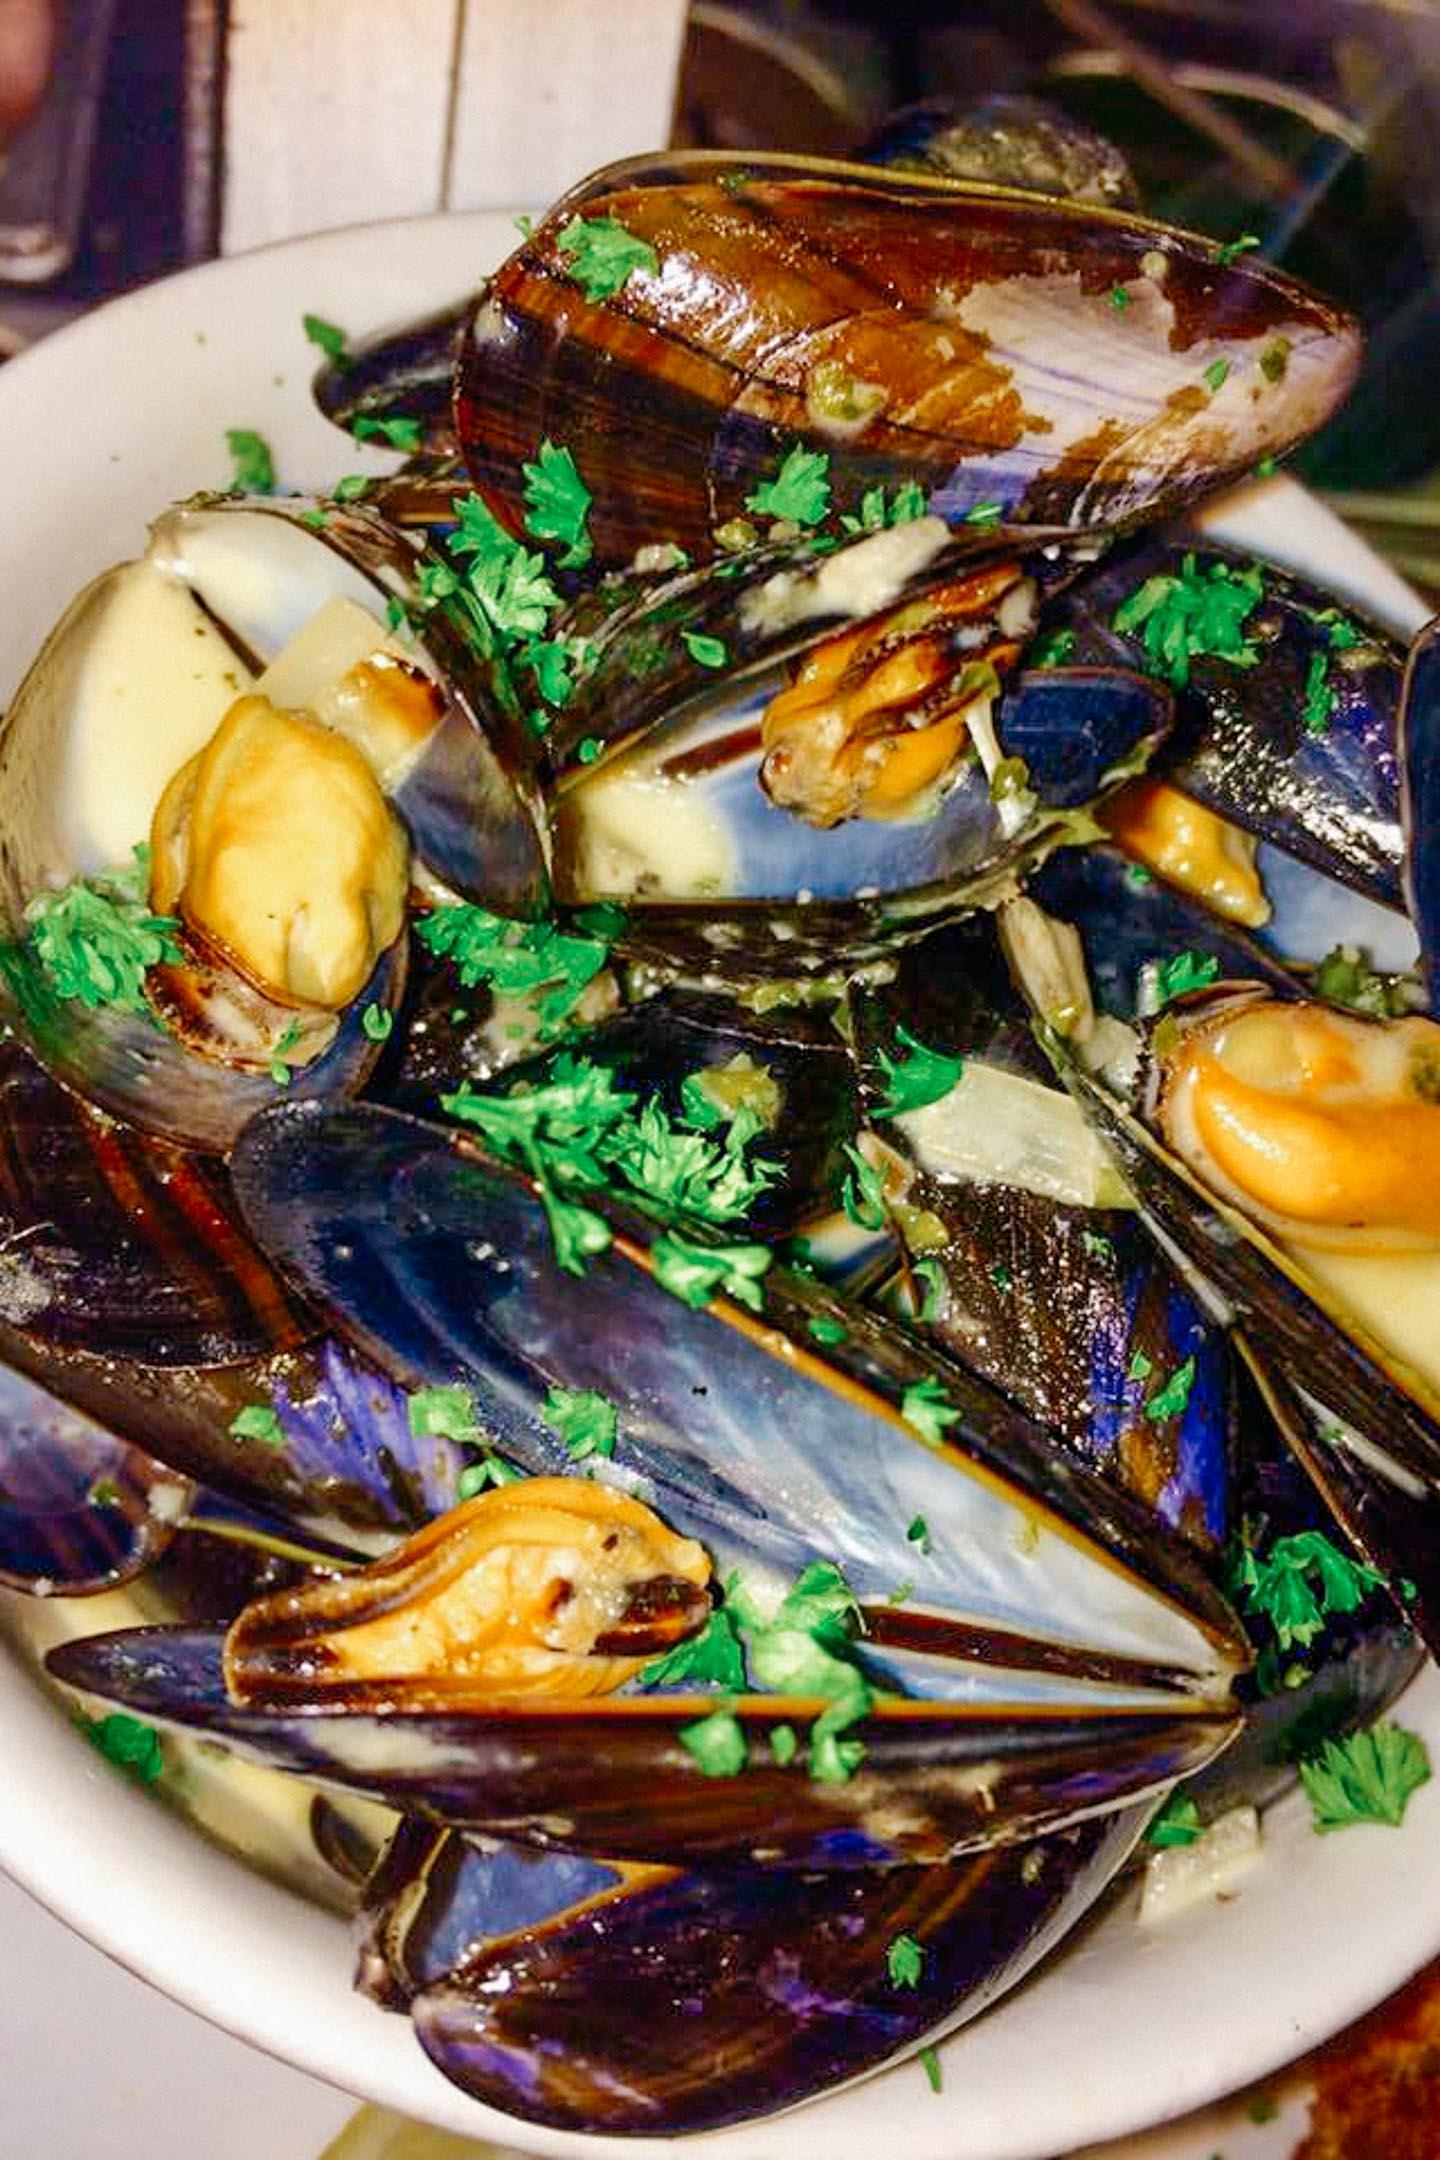 Best Mussels in Ireland